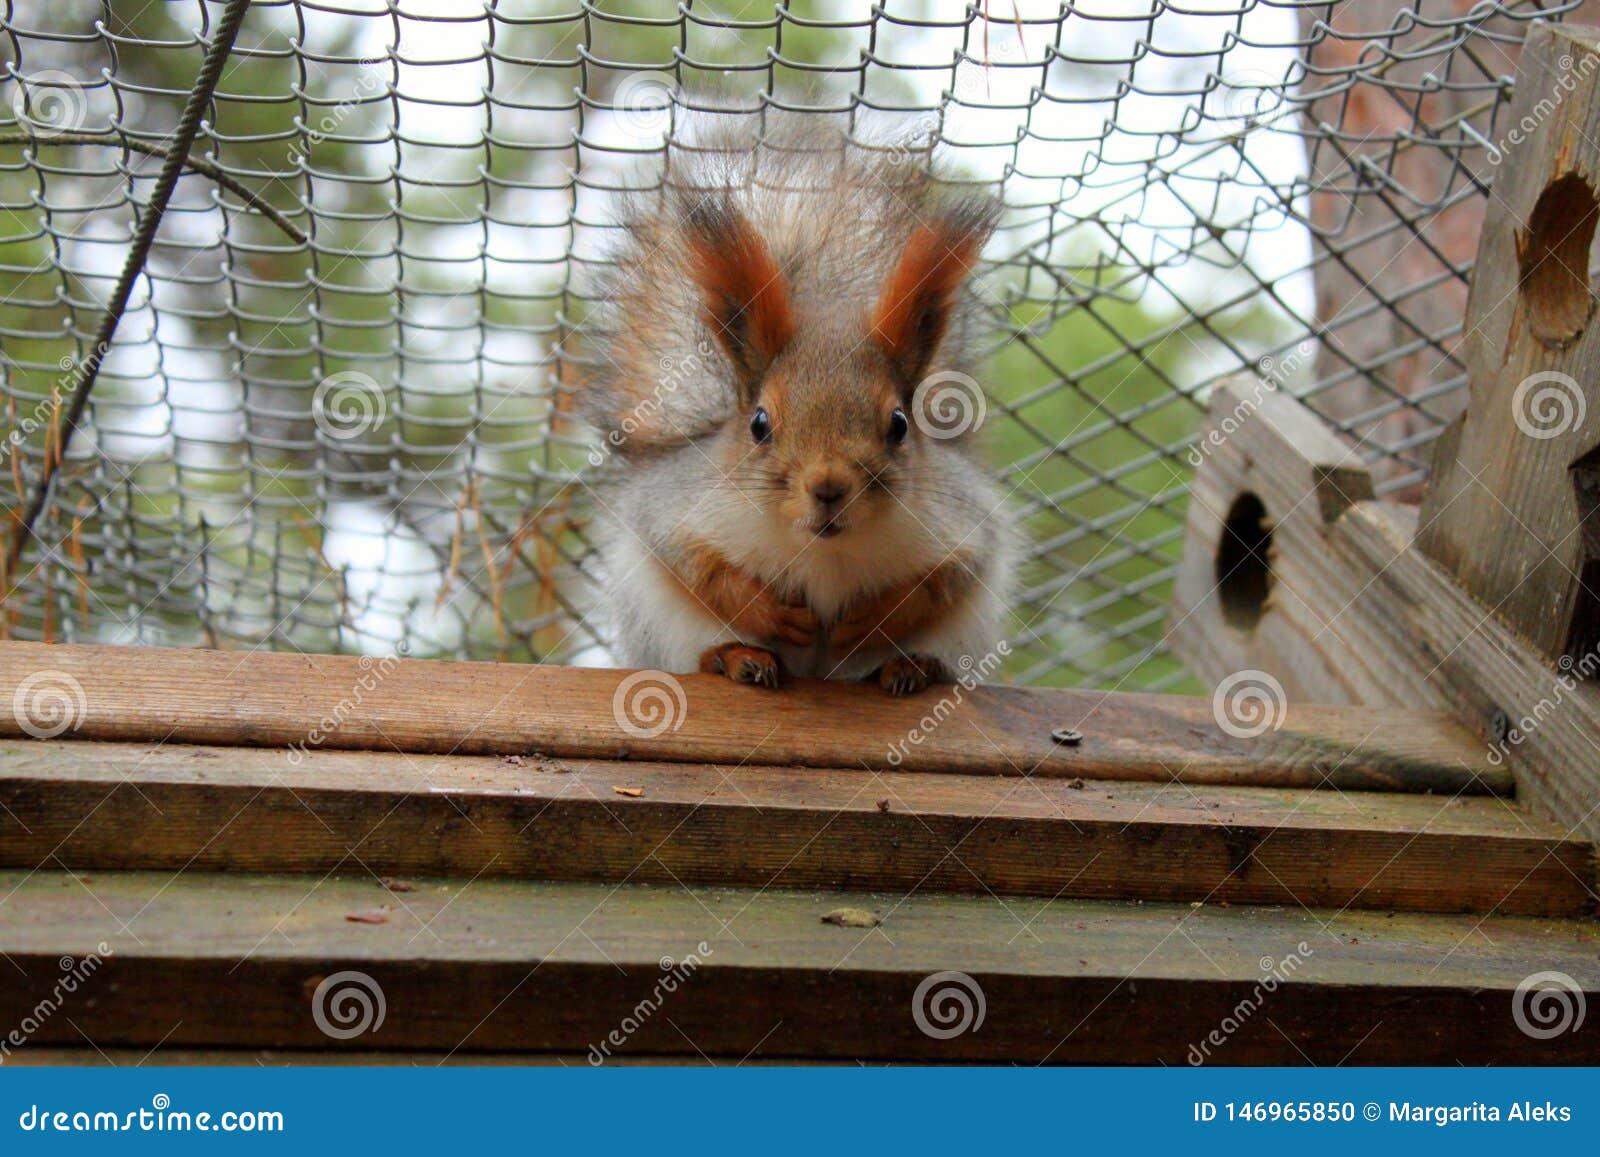 Czerwona wiewiórka z dużymi oczami